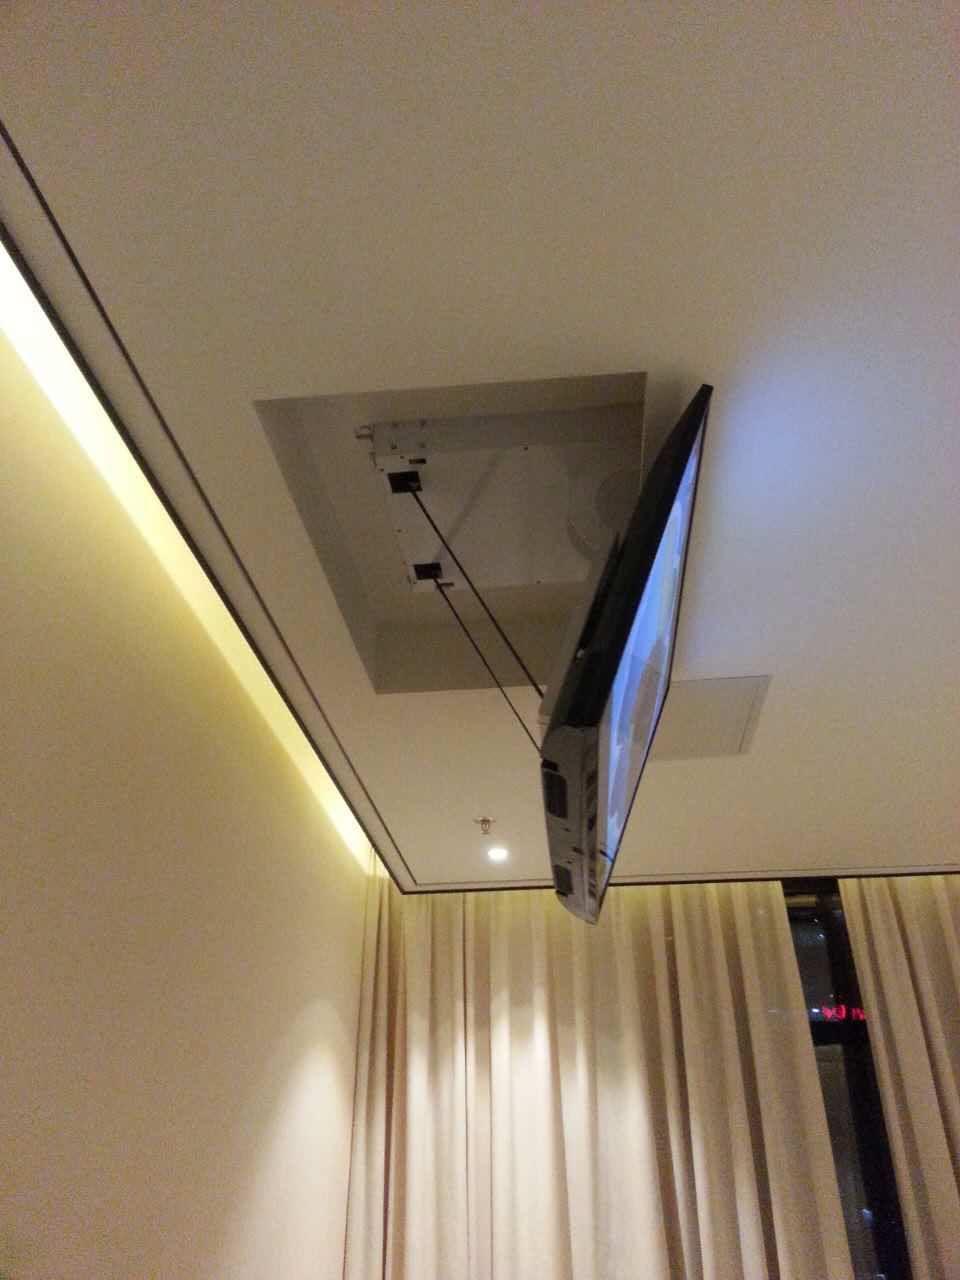 انقلاب كهربائي بمحرك السقف LED LCD TV رفع جبل شماعات حامل وظيفة التحكم عن بعد 110V-250V ، يصلح ل 32